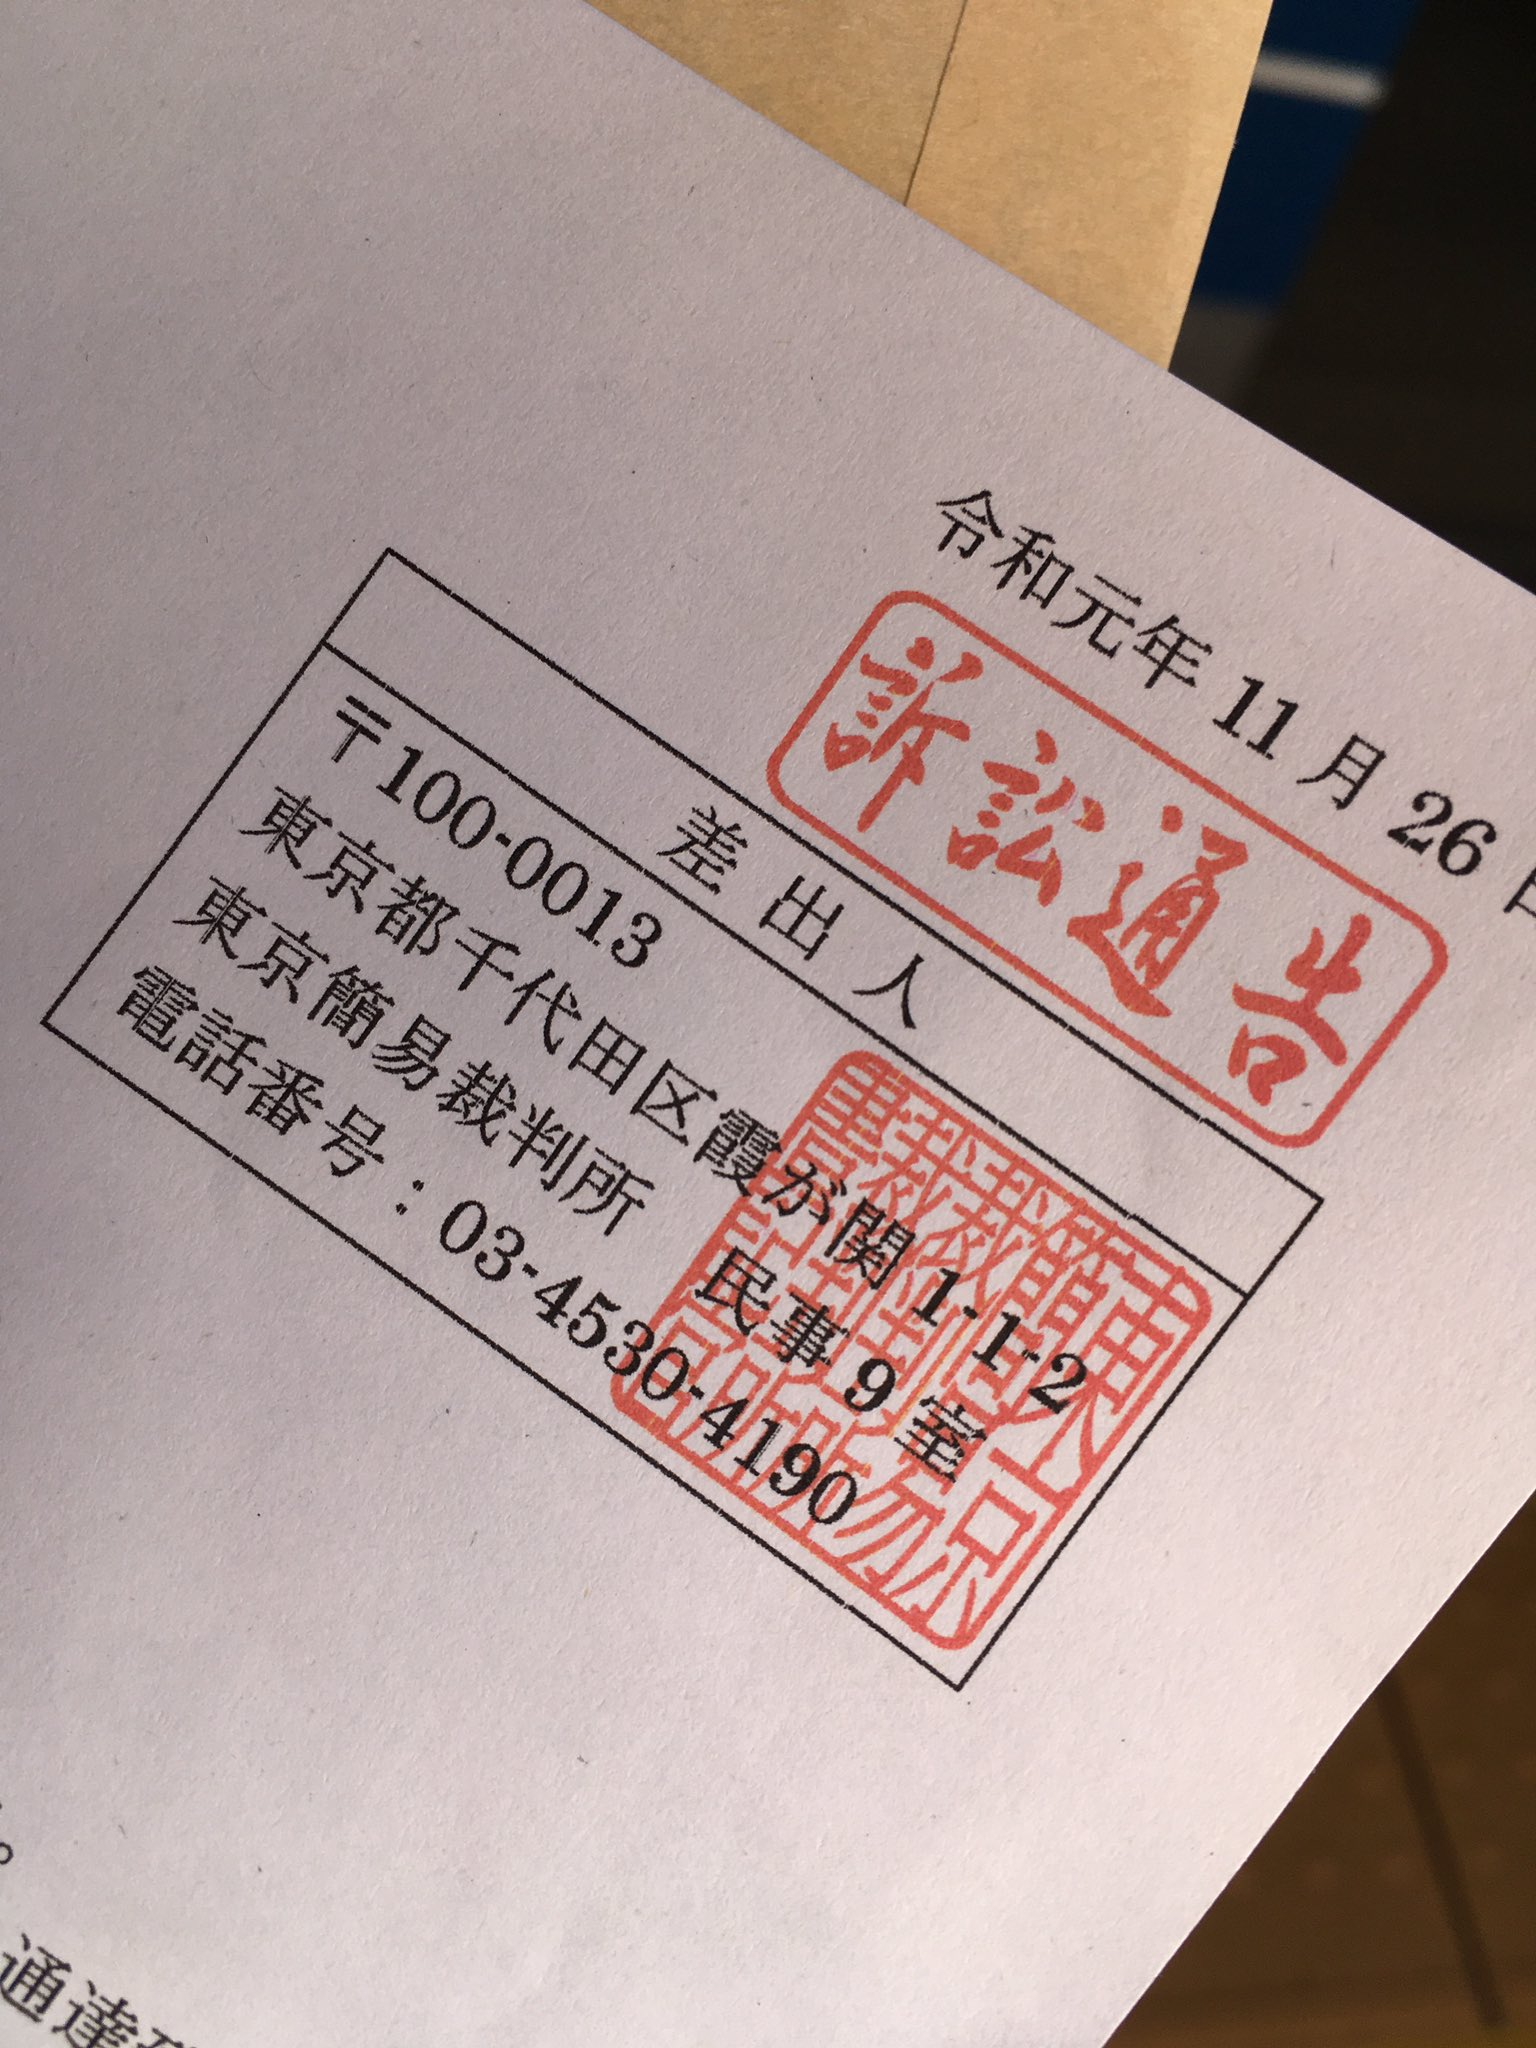 東京簡易裁判所からの郵便物!それは偽物かもしれません!